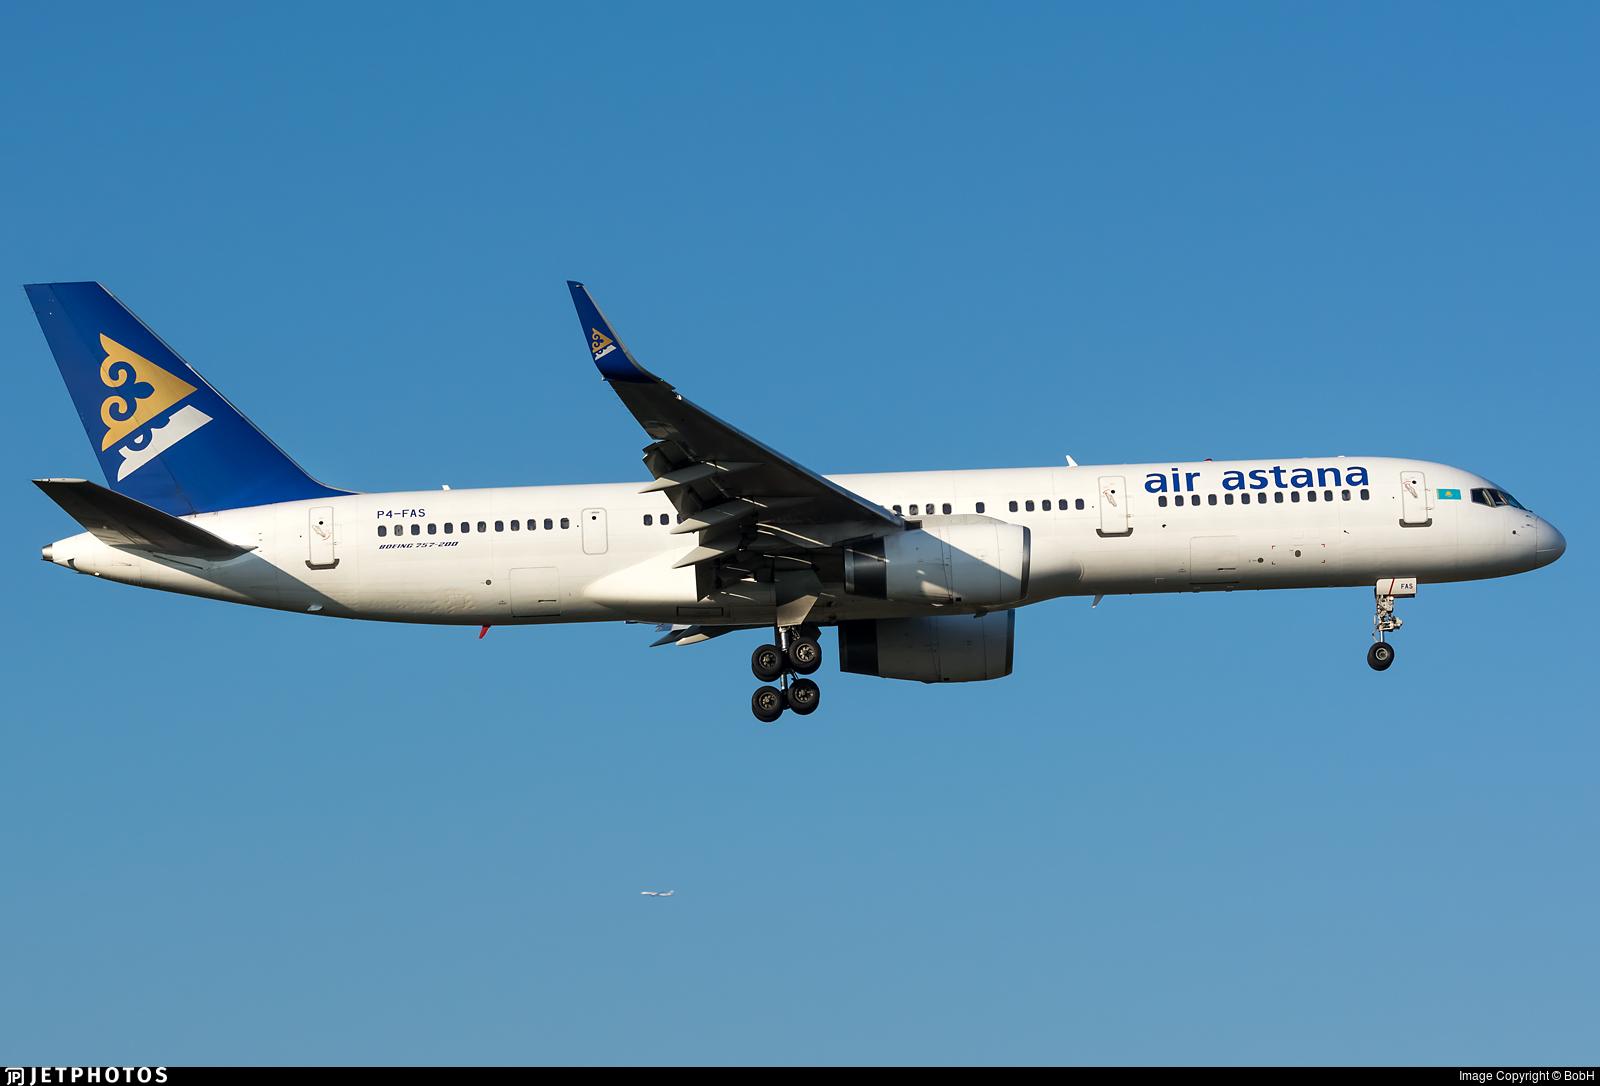 P4-FAS - Boeing 757-2G5 - Air Astana